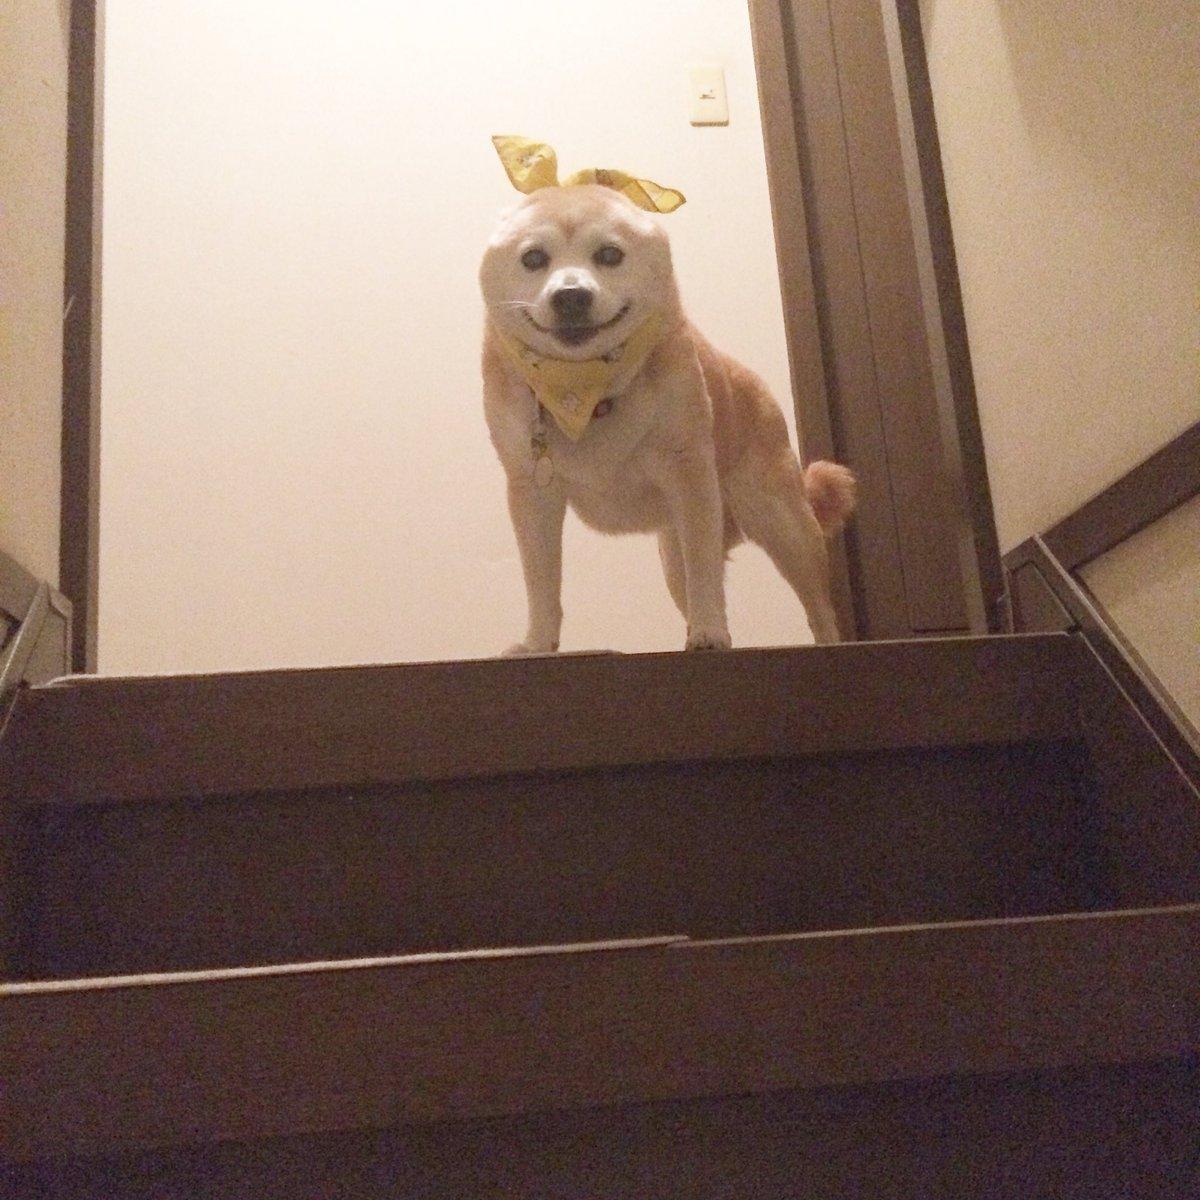 階段の上で待ち構えているこのならちゃんを撮ろうとして笑ってしまって手が震えた